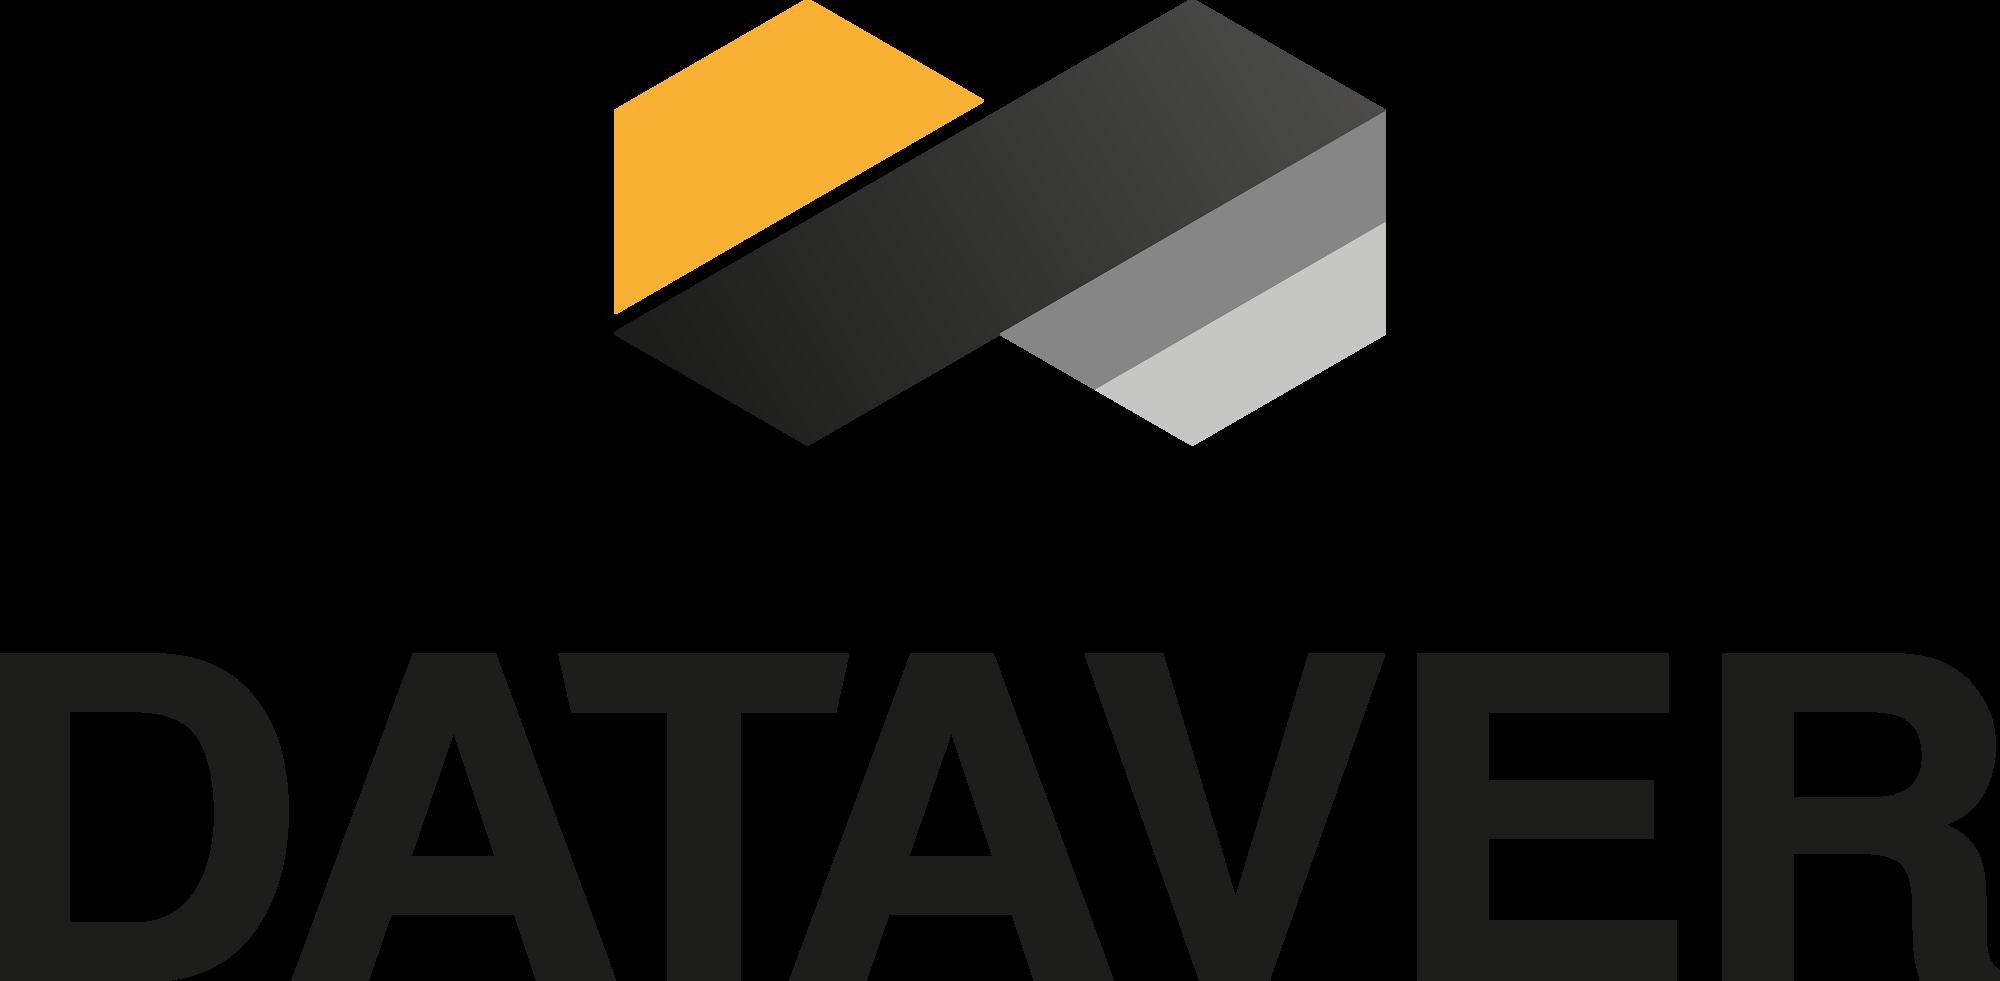 DATAVER Informatik AG